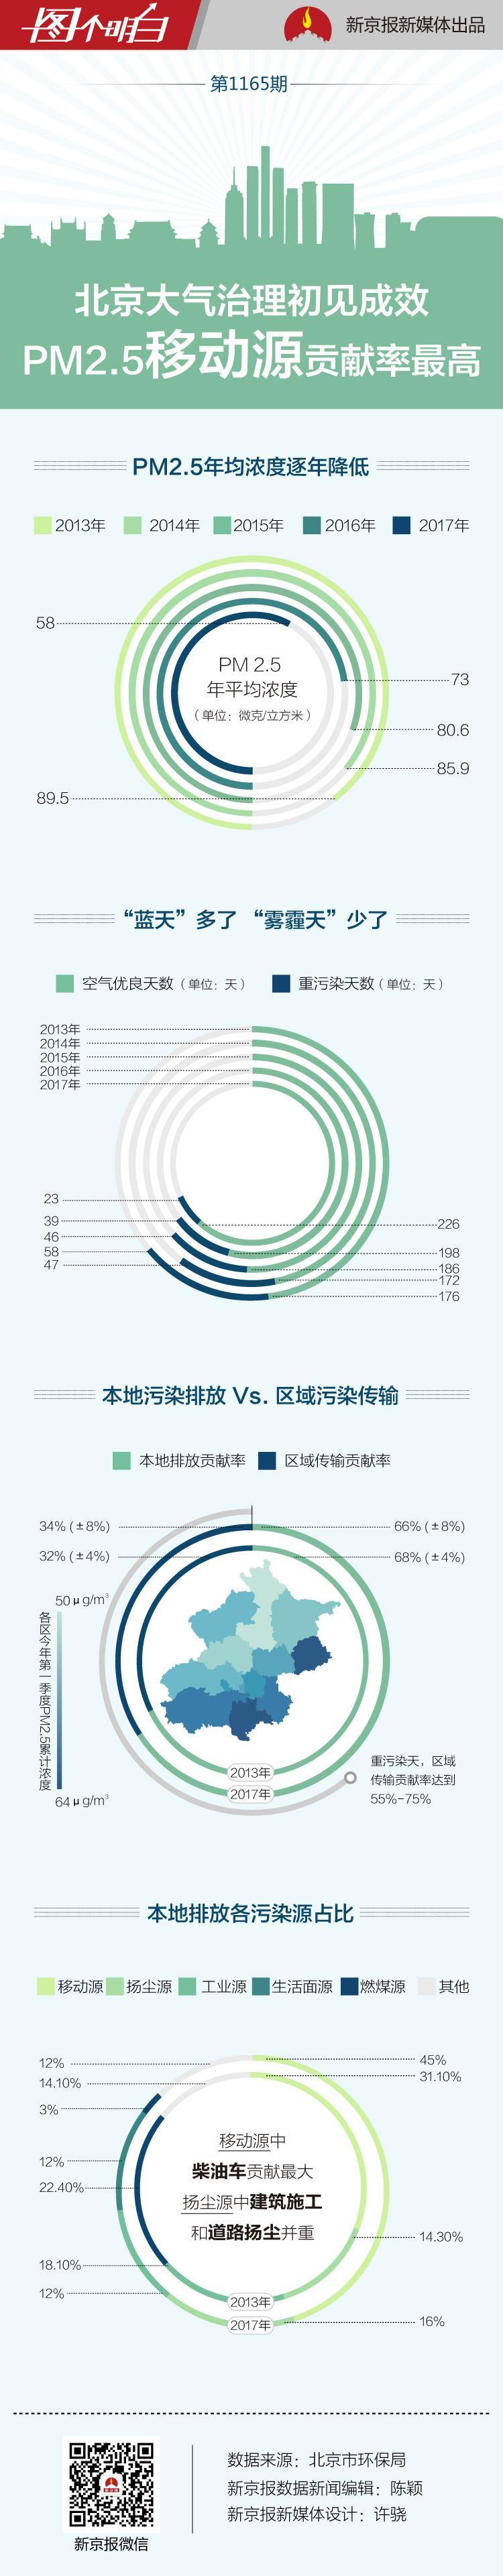 北京PM2.5来源主要有啥?机动车贡献最大